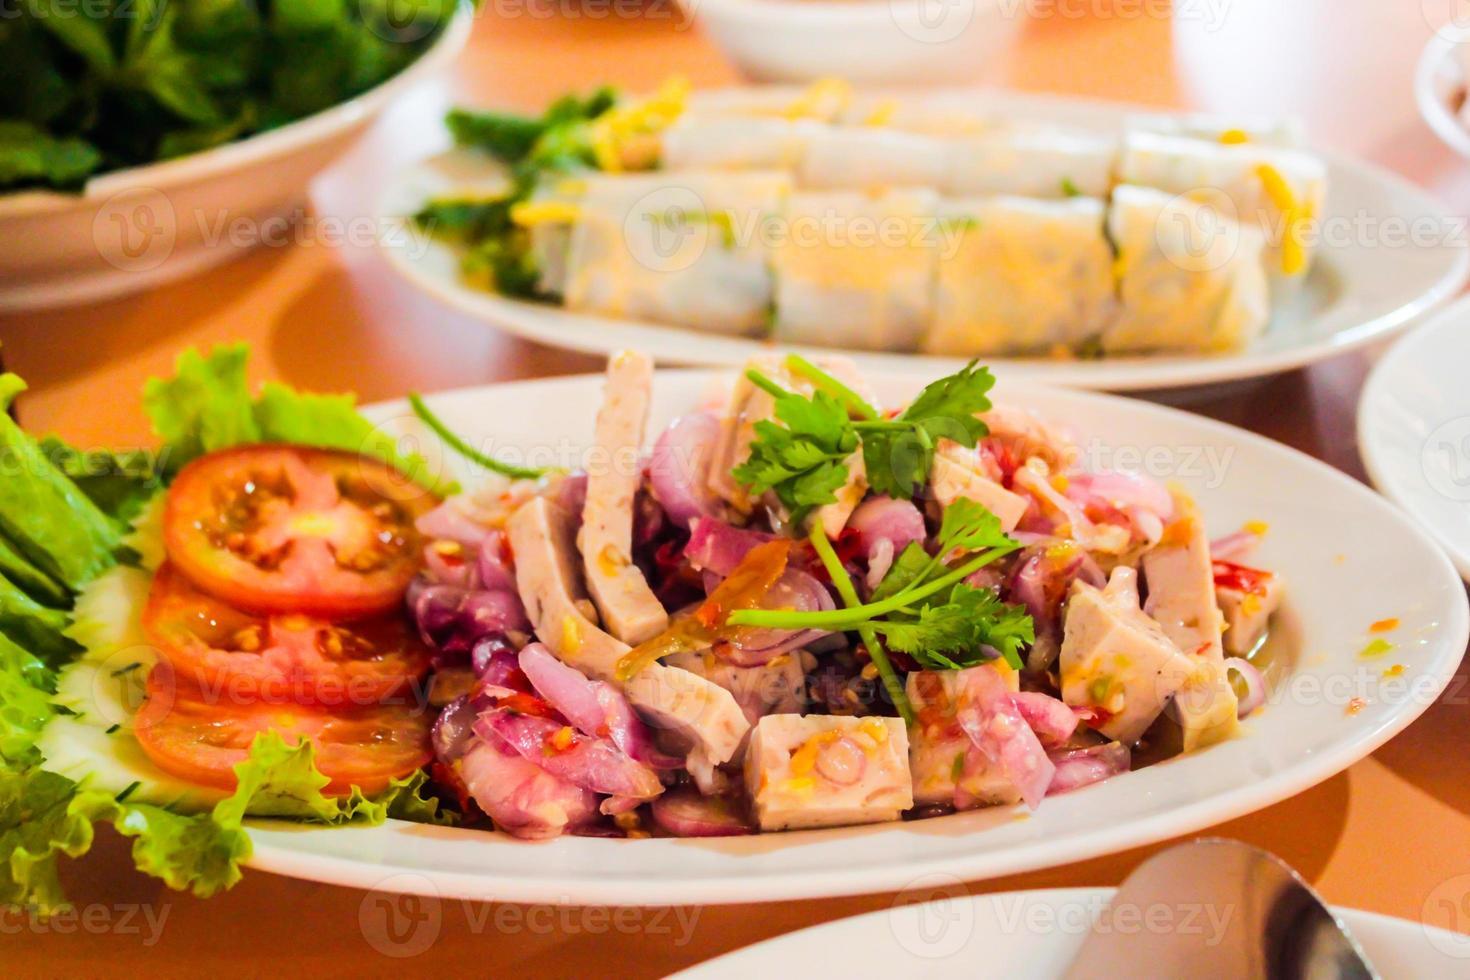 salada picante de lingüiça de porco cozida, comida de estilo tailandês foto